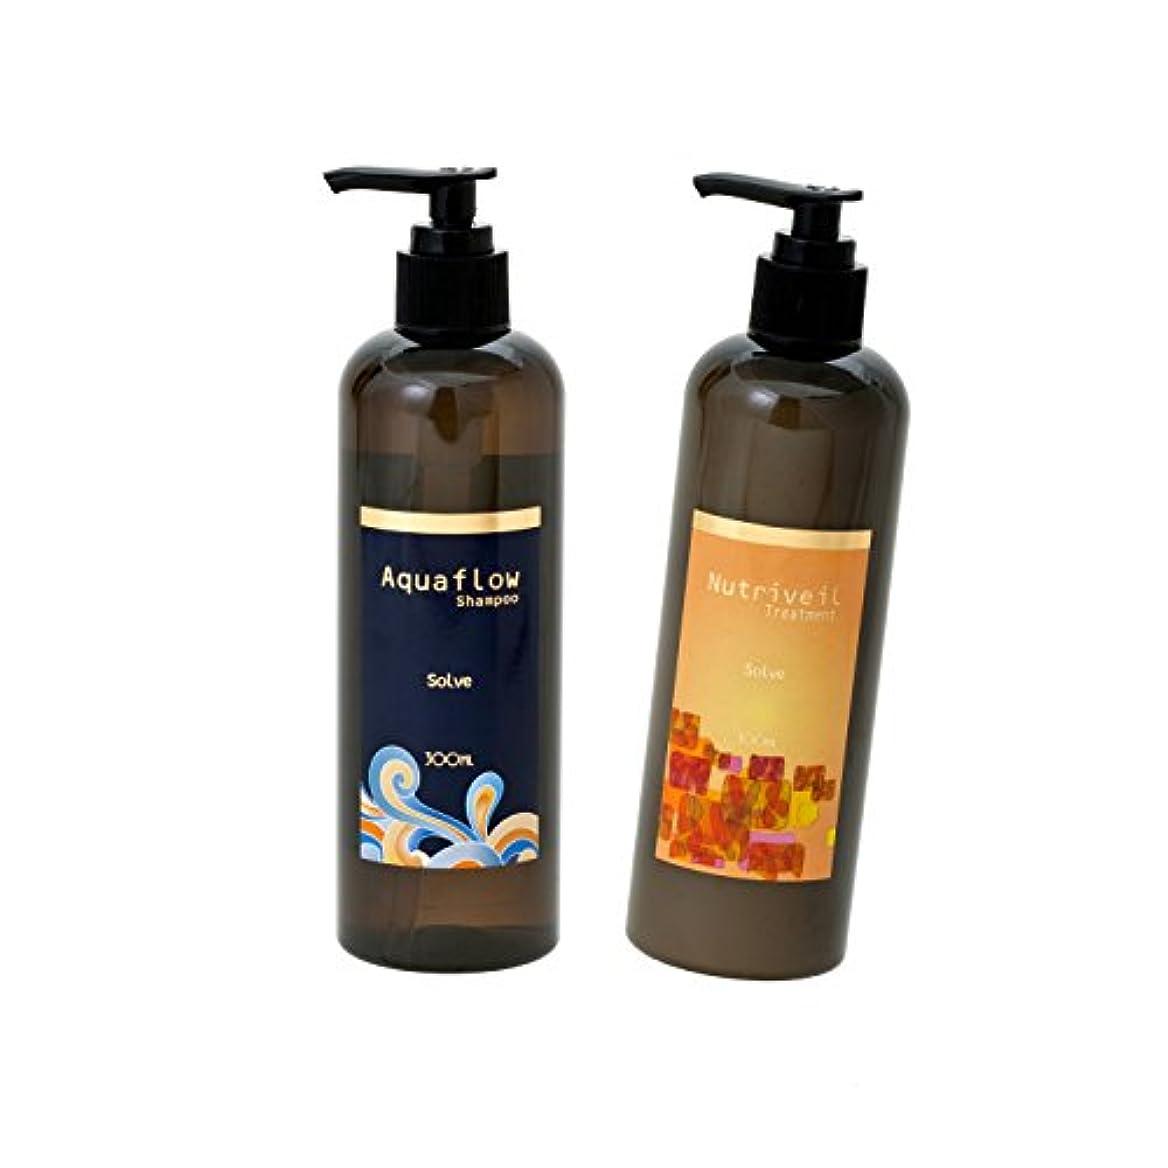 ミュート派生するマンハッタン縮毛矯正した髪を栄養そのもので洗うsolve|ソルブシャンプー「Aquaflow_アクアフロー」ソルブトリートメント「Nutriveil_ニュートリヴェール」セット|カラーの繰り返しで大きくダメージした髪のケアにも。 (300ml_set)